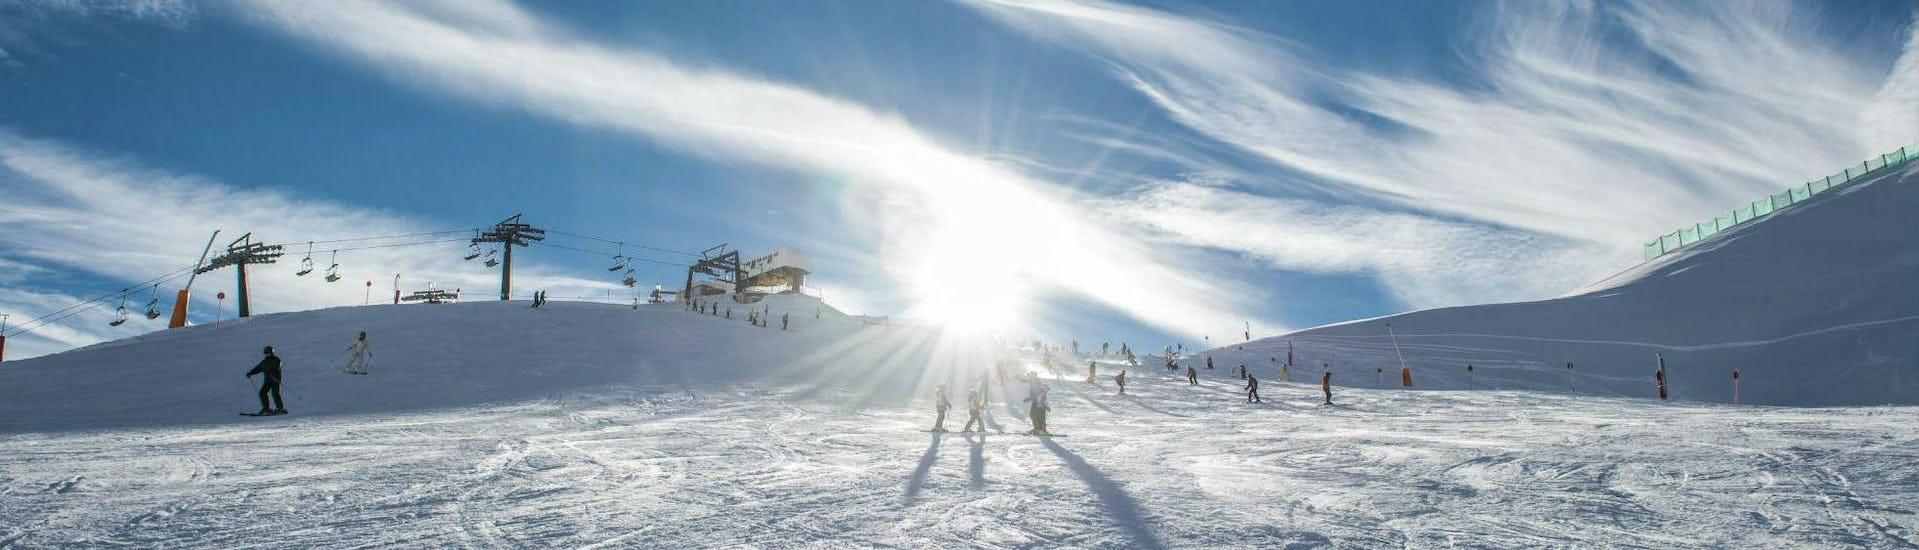 Skikurs für Erwachsene - Ohne Erfahrung